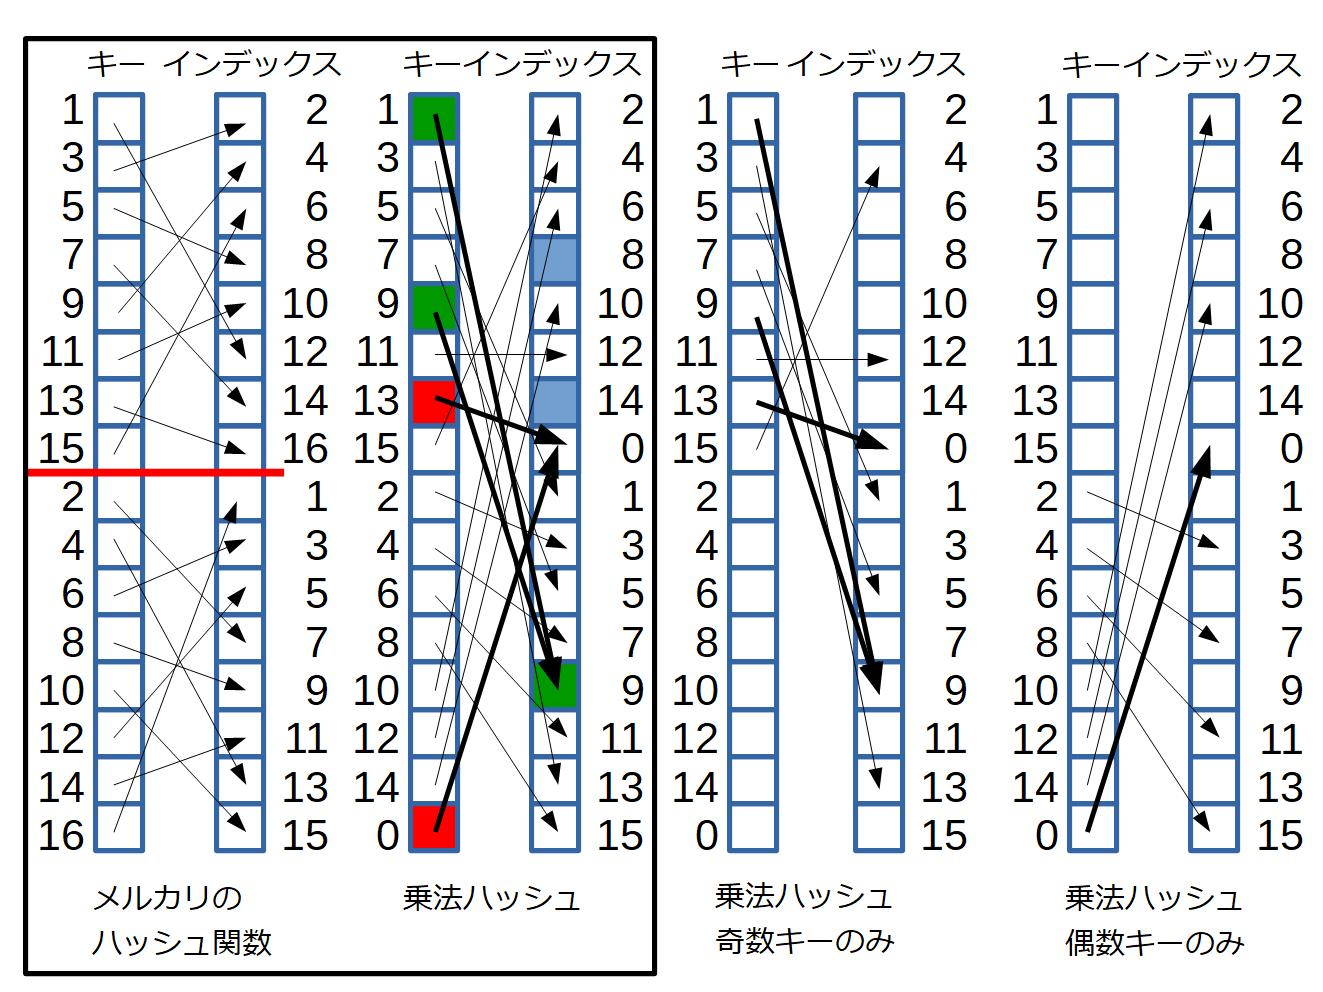 メルカリのハッシュ関数はインデックスの偶奇でキーの偶奇が決まる